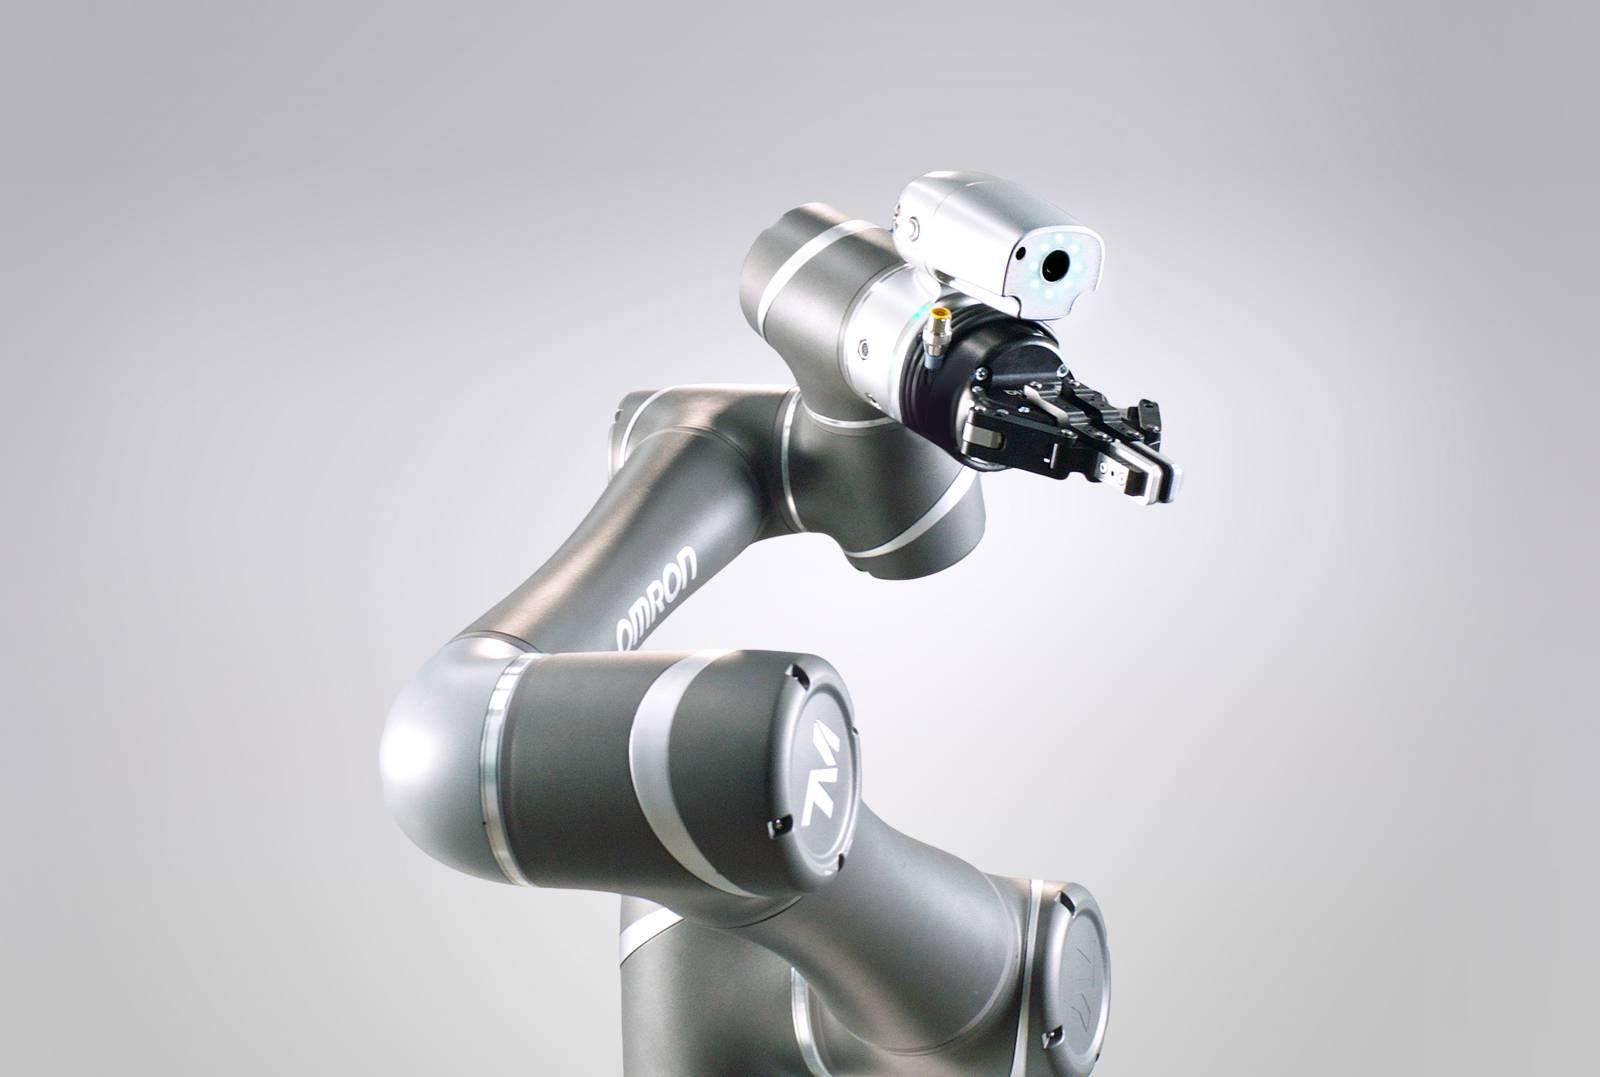 , Velkommen til Omron Robot Tour, Gibotech